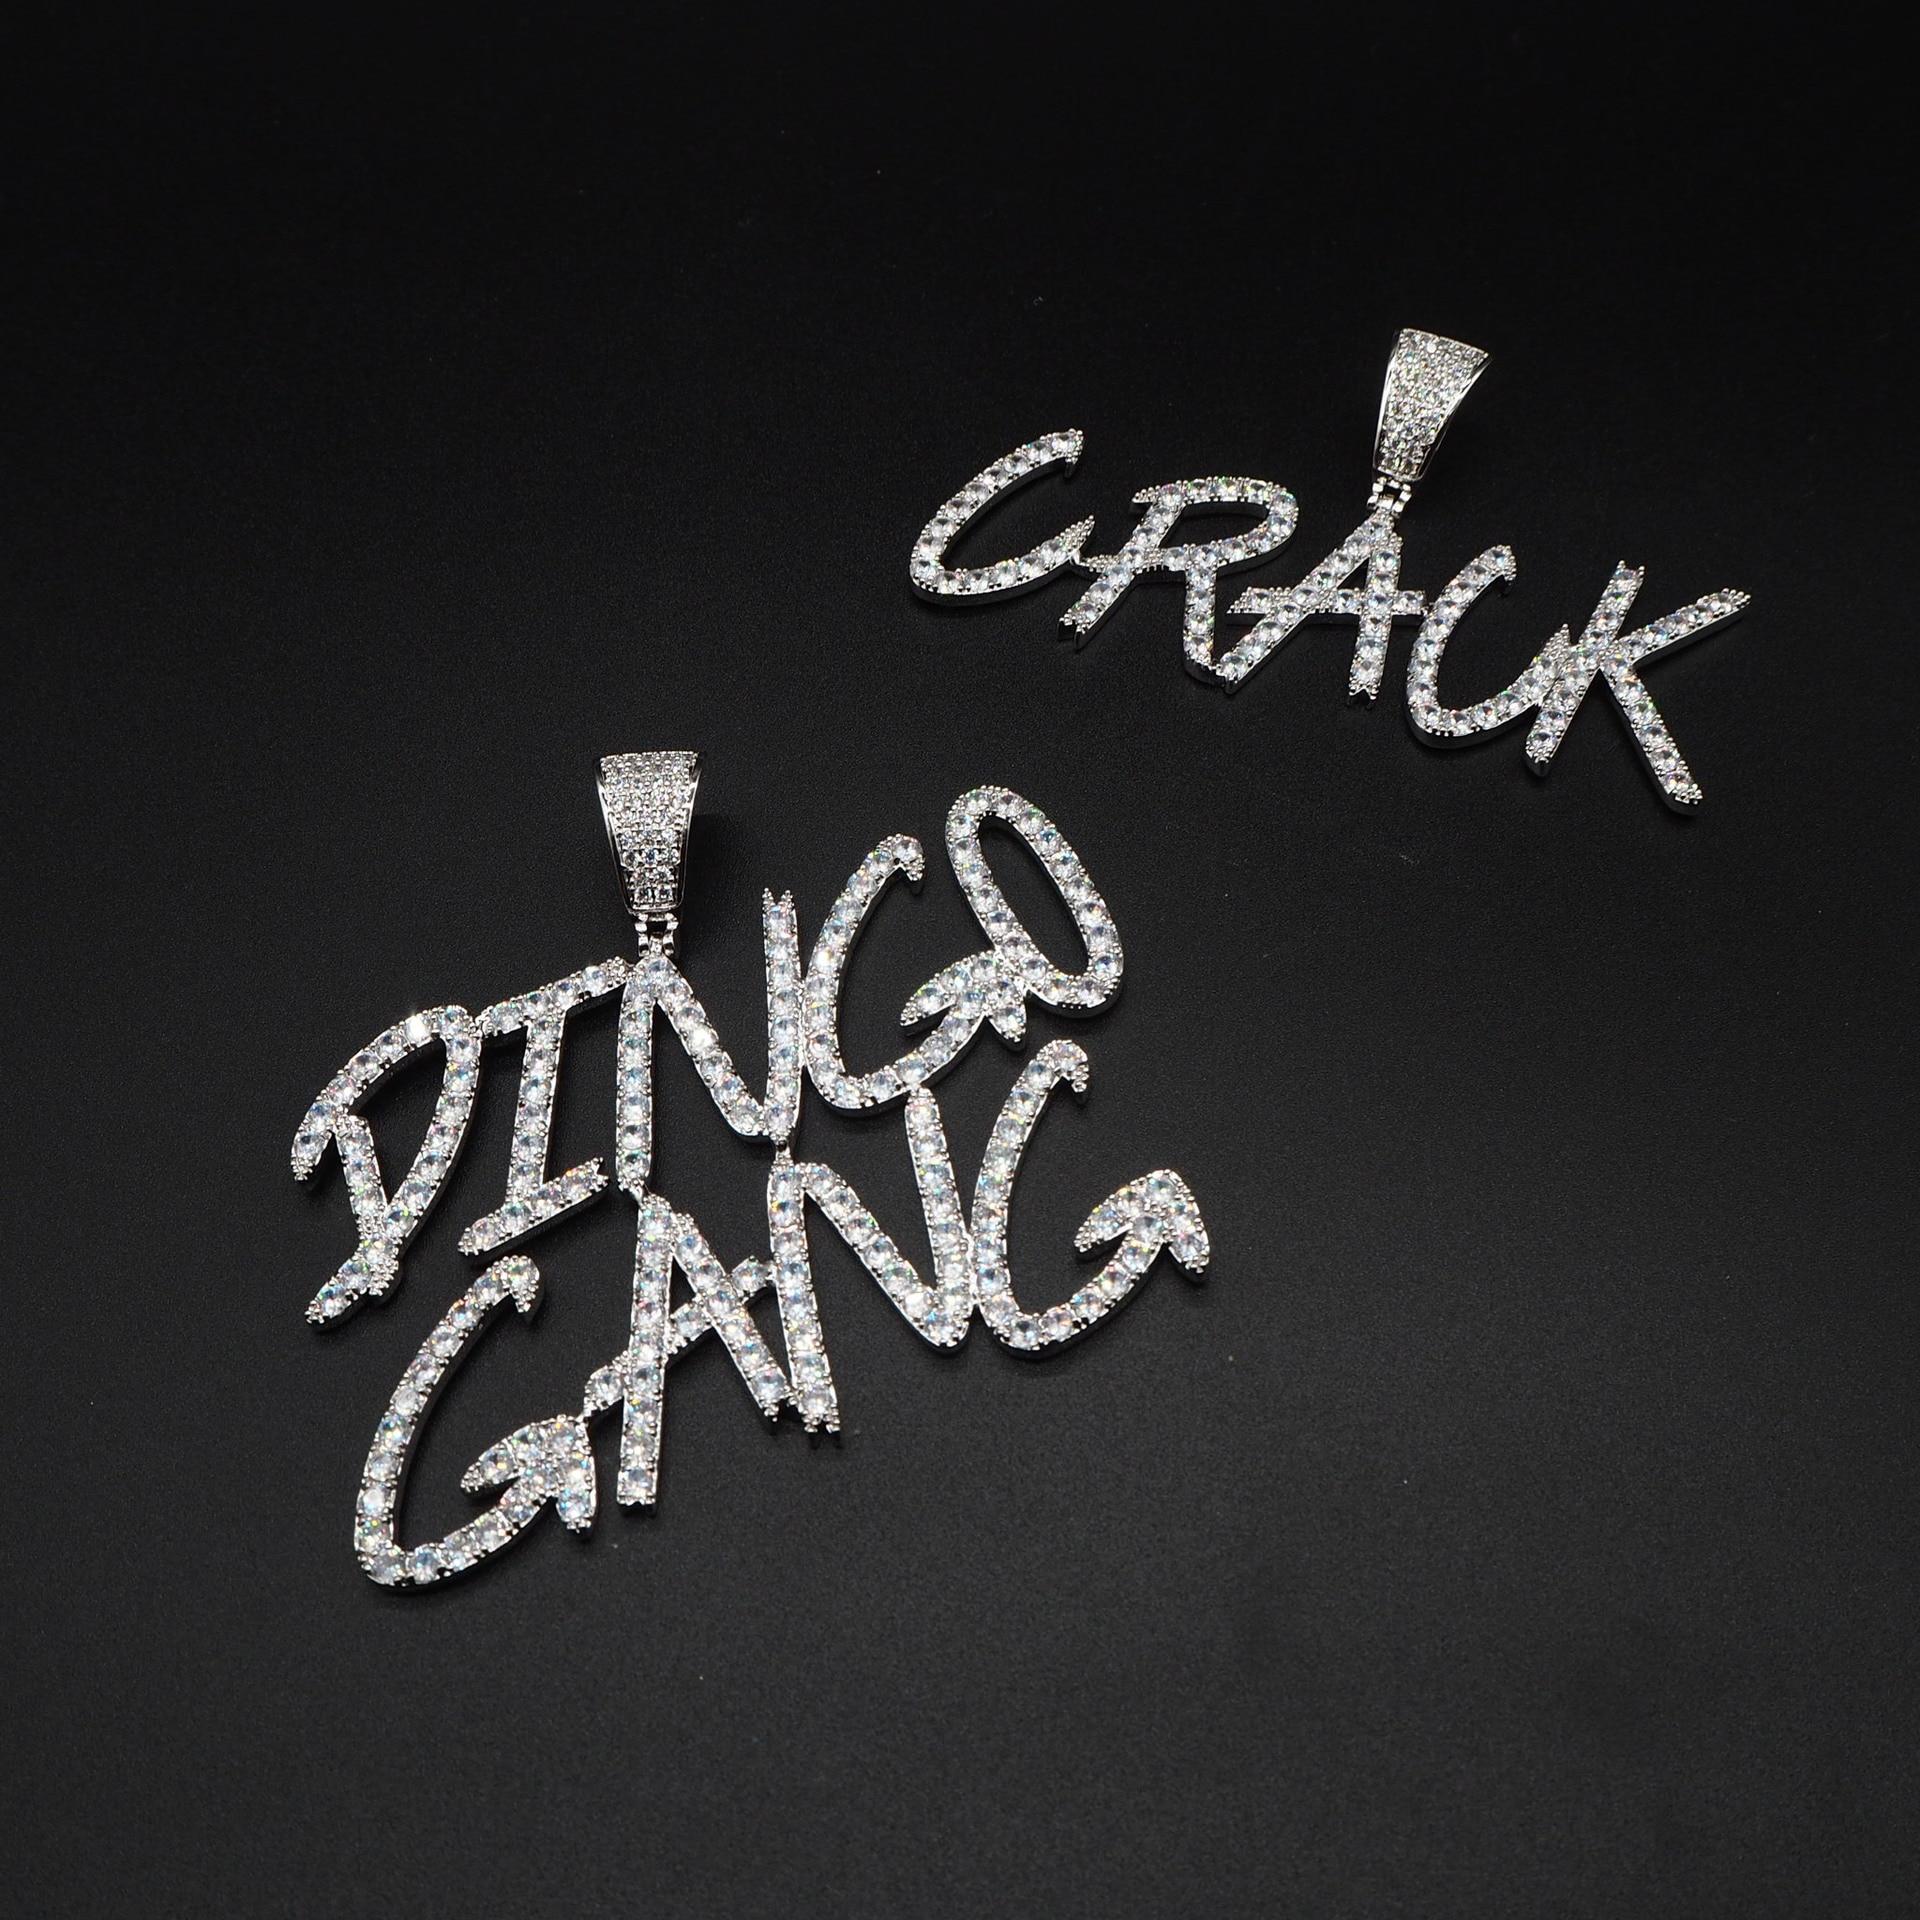 Alfabeto pingente diy livre costura hip-hop colar